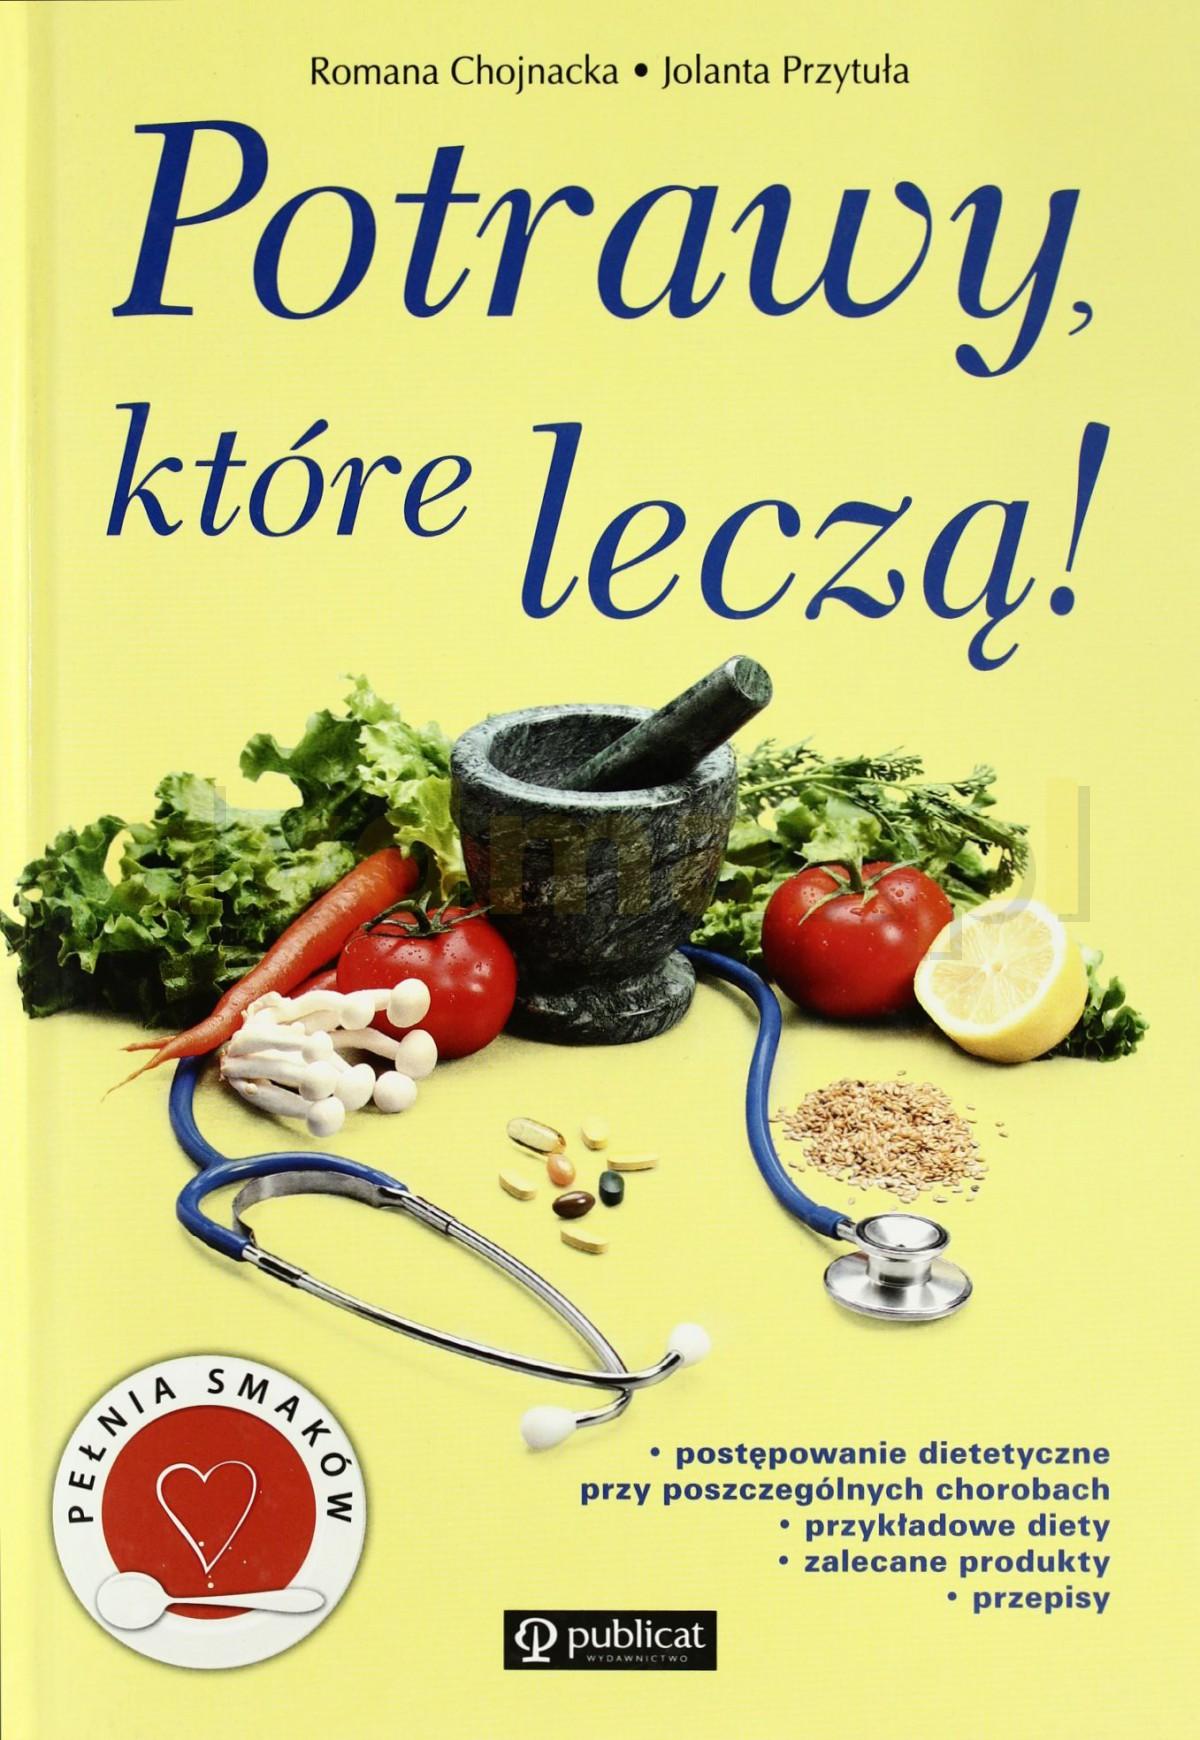 Potrawy Które Leczą! (twarda) - Romana Chojnacka, Jolanta Przytuła [KSIĄŻKA] - Romana Chojnacka, Jolanta Przytuła